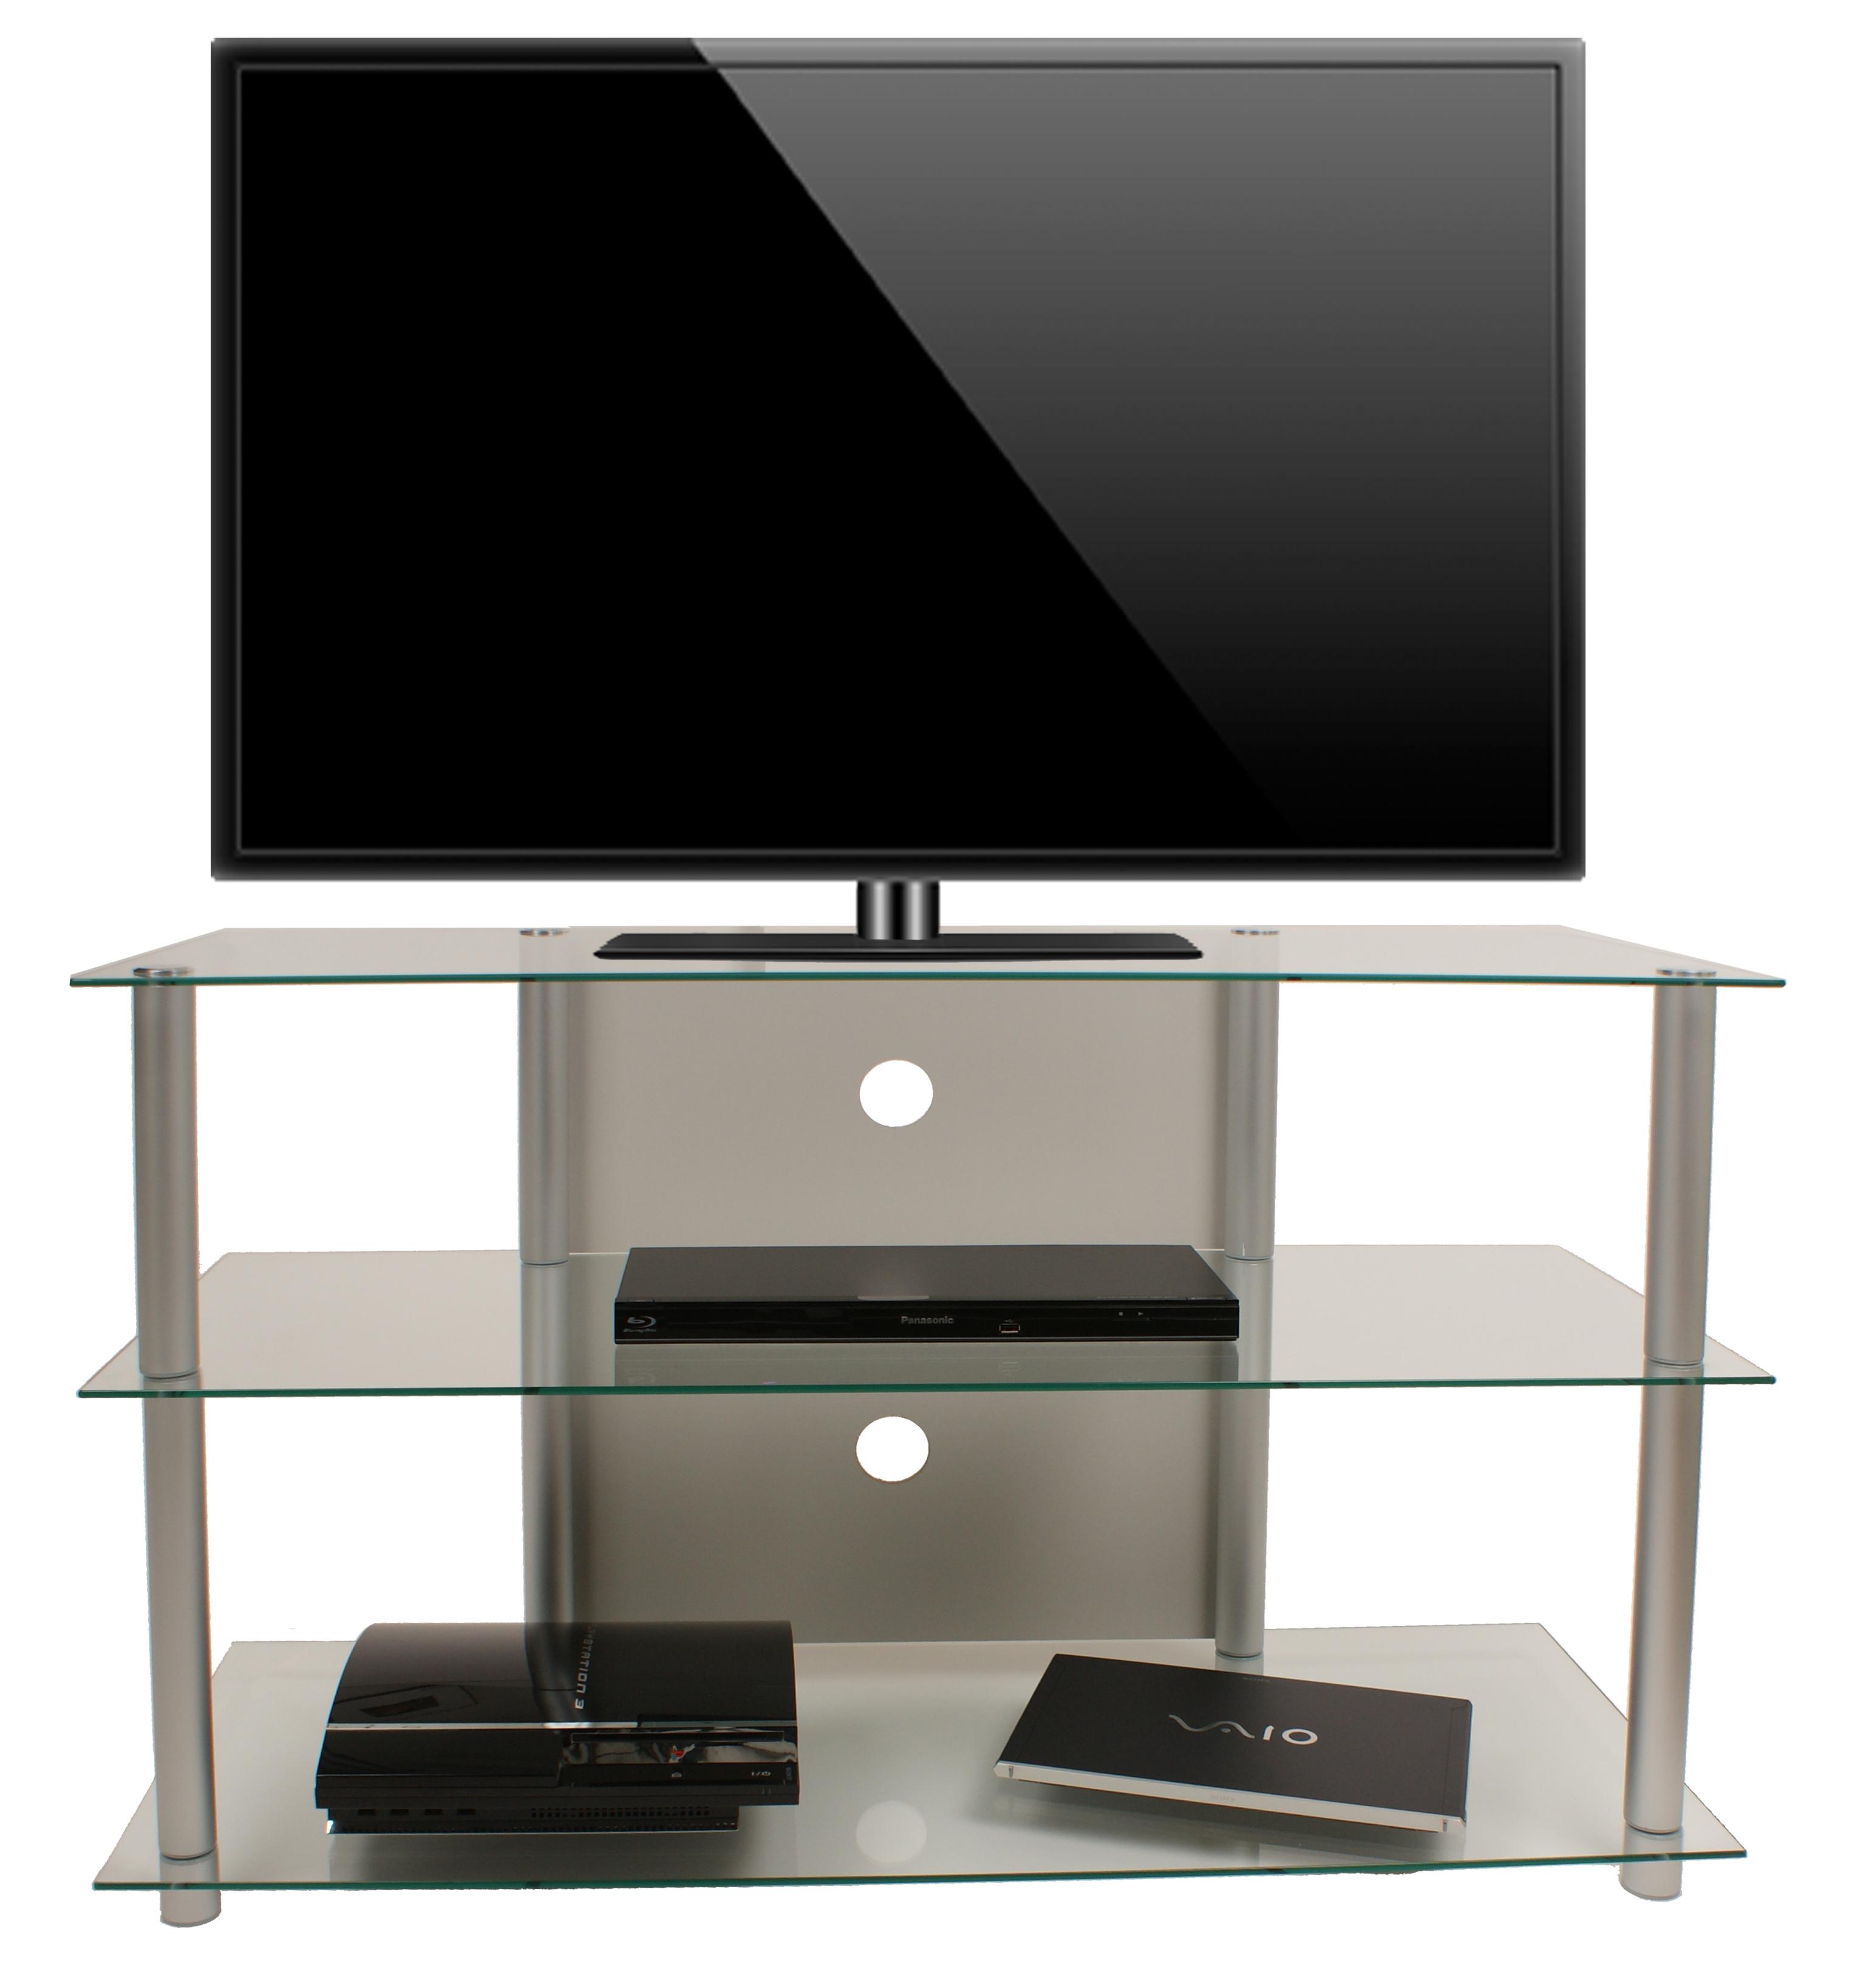 14160 14165 vcm onata xxl lcd tv m bel m bel led hifi standkonsole rack tisch ebay. Black Bedroom Furniture Sets. Home Design Ideas